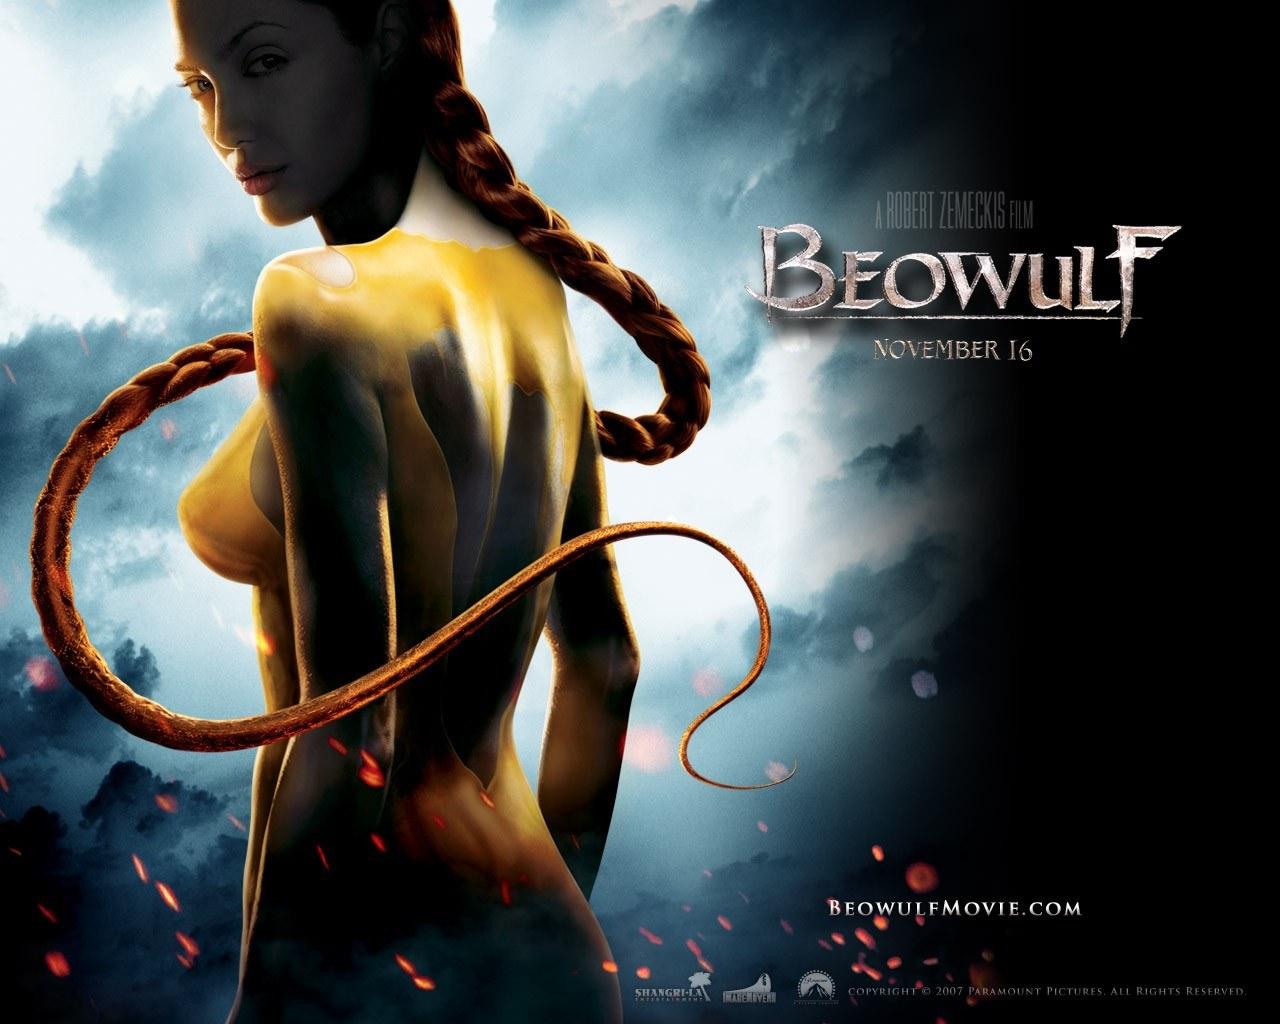 http://3.bp.blogspot.com/-UU_5G2Wq4XU/TlpE7YEep7I/AAAAAAAAAMs/M7wFArE6hYY/s1600/Beowulf-poster.jpg